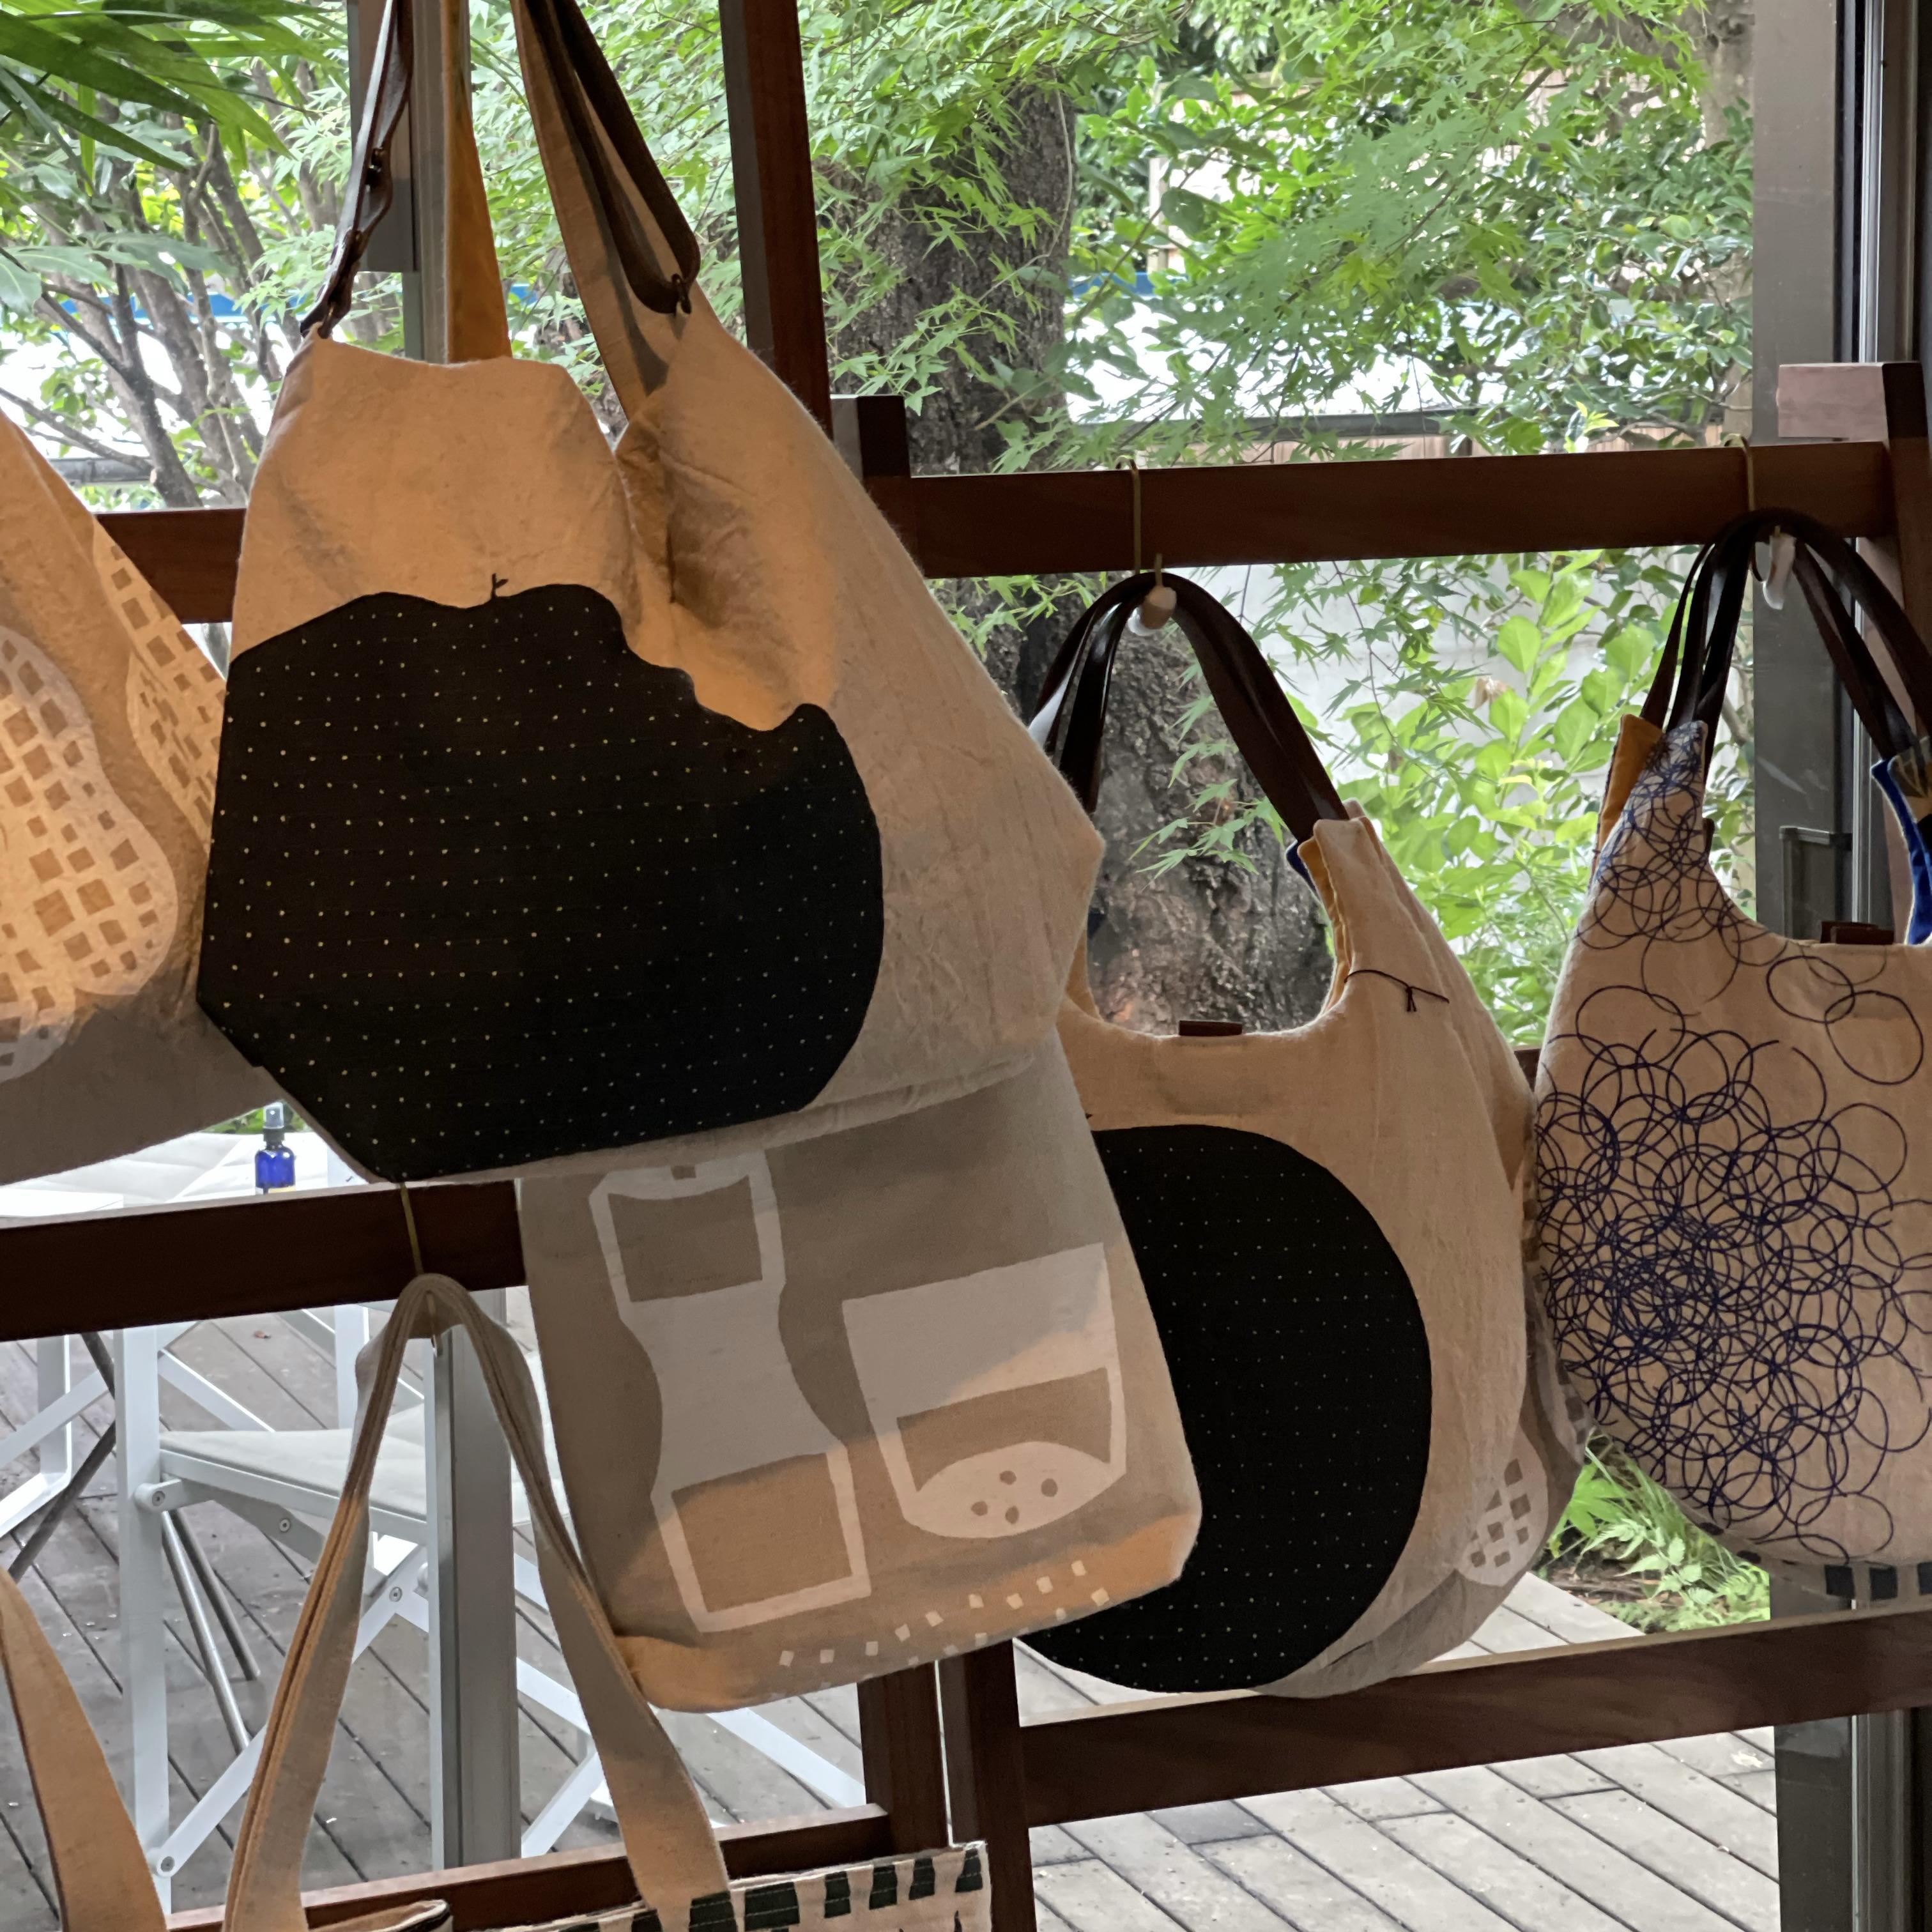 【坂井千尋  × アトリエか猫  展】 か猫さんの布バッグ